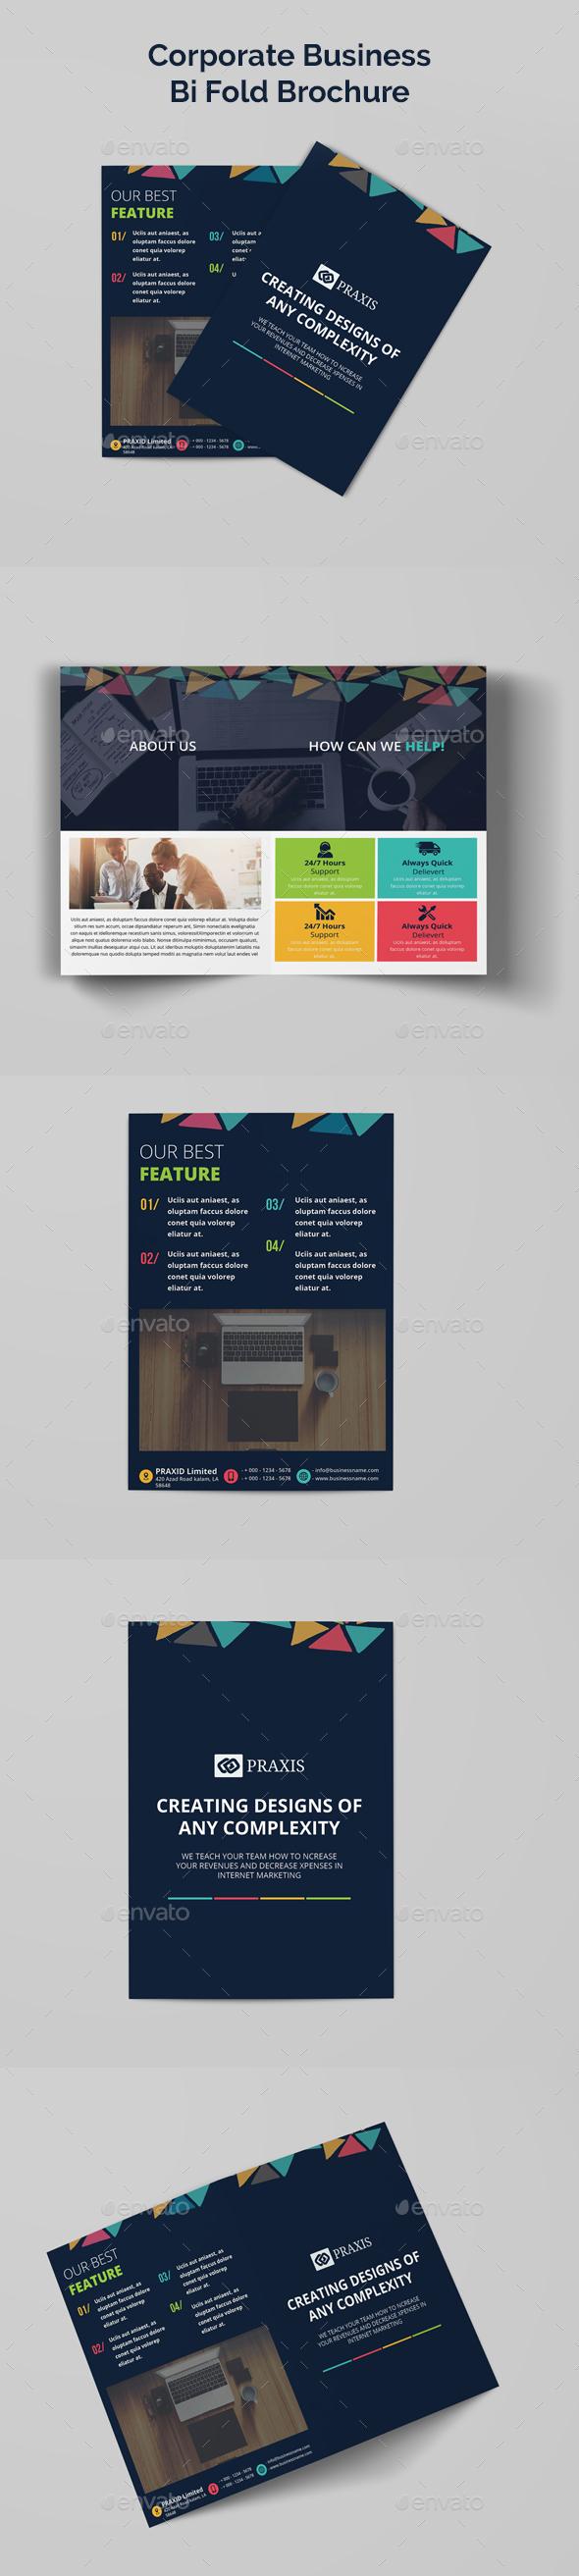 Corporate Business Bi Fold Brochure - Corporate Brochures